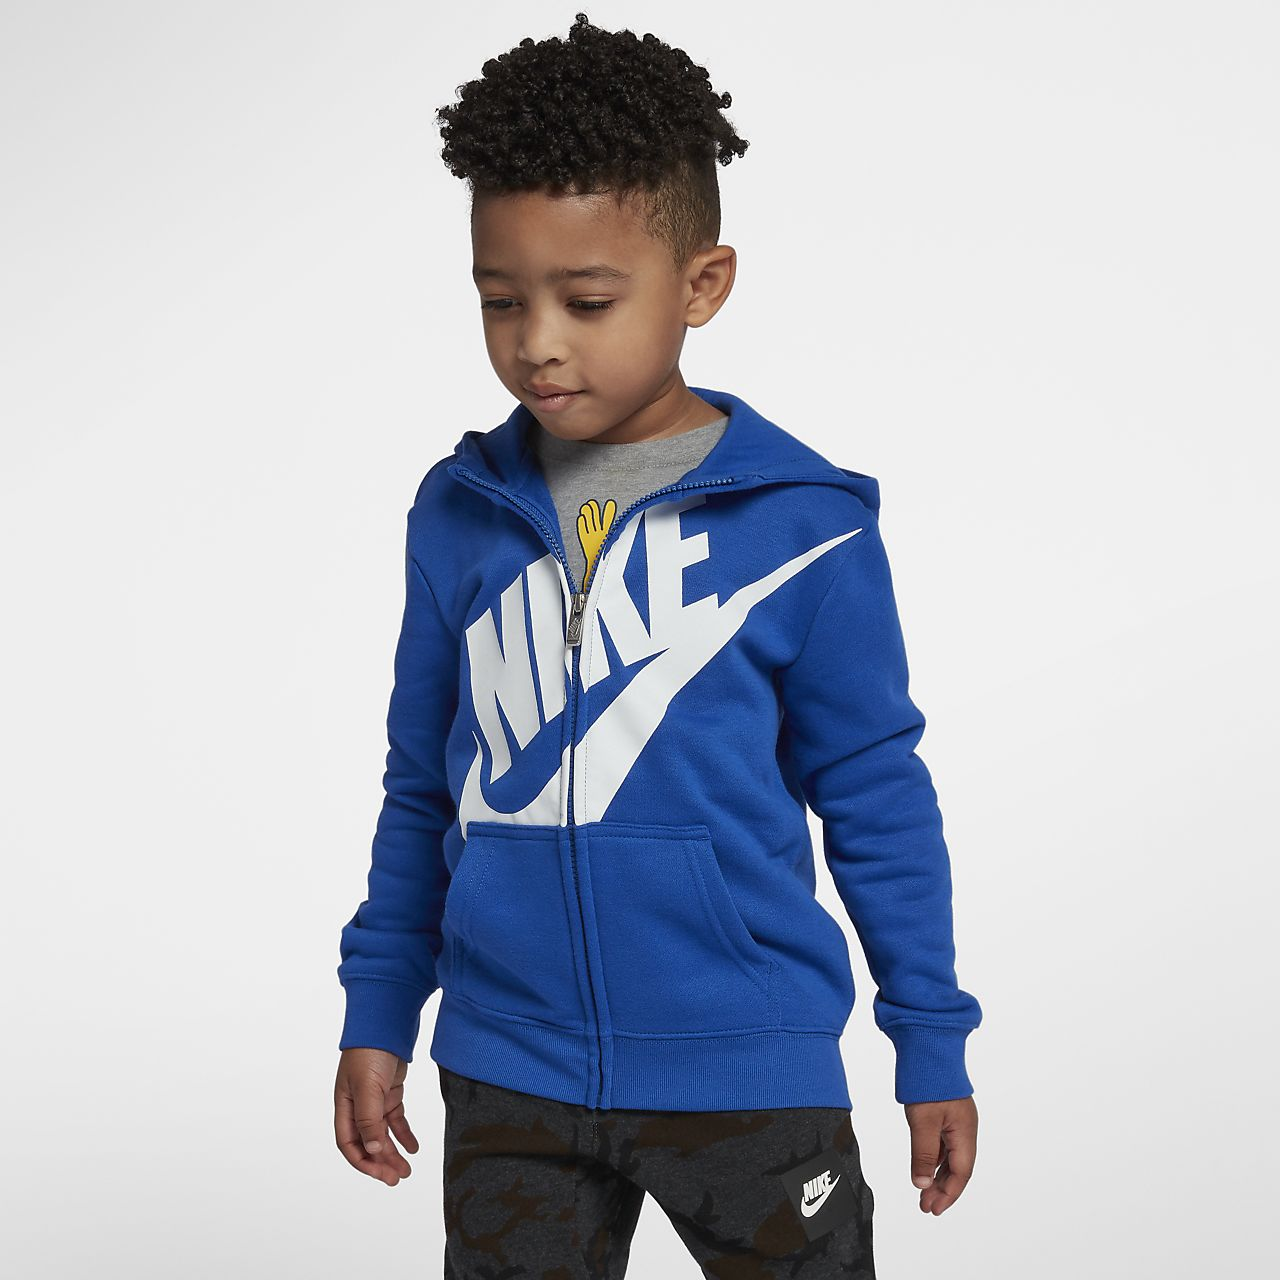 Nike-fleecehættetrøje til små børn